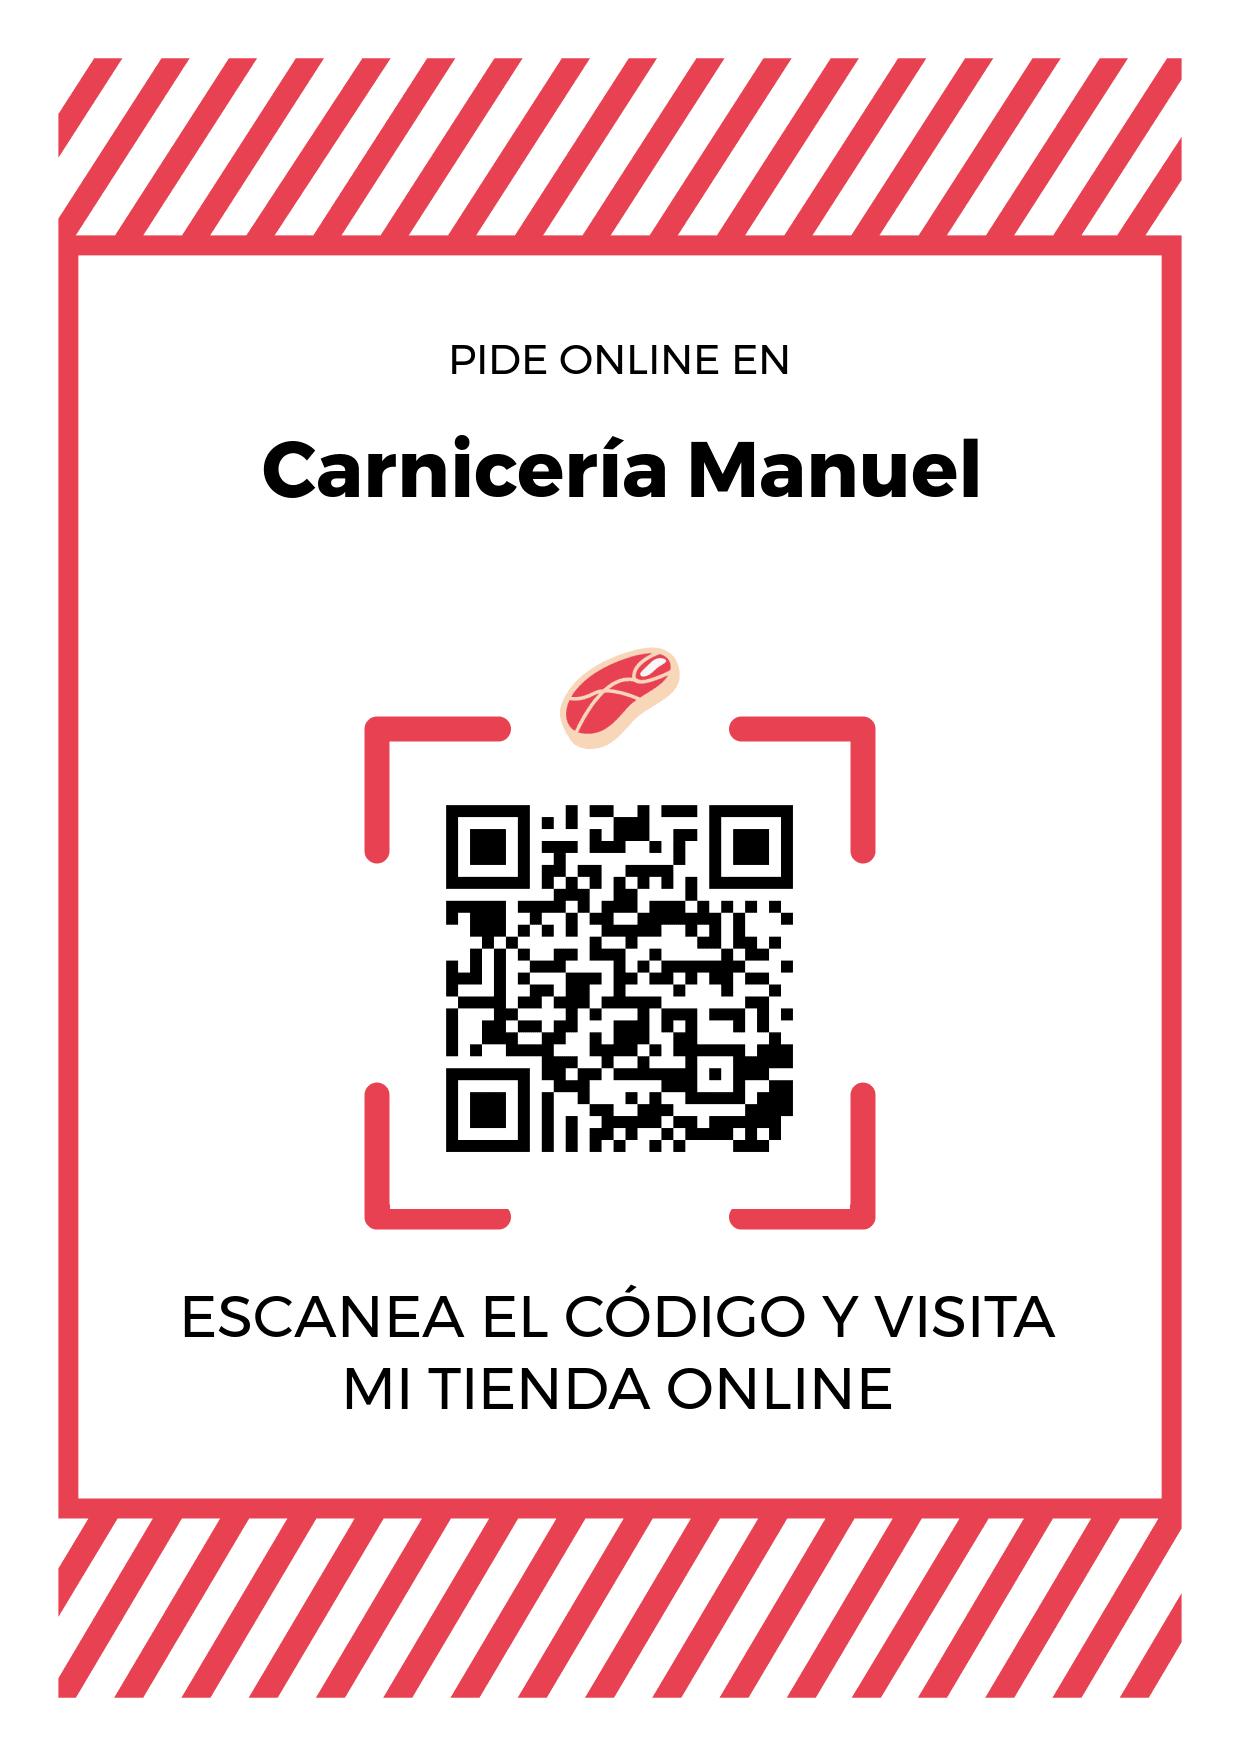 Cartel Póster de Código QR para tienda de Carnicería